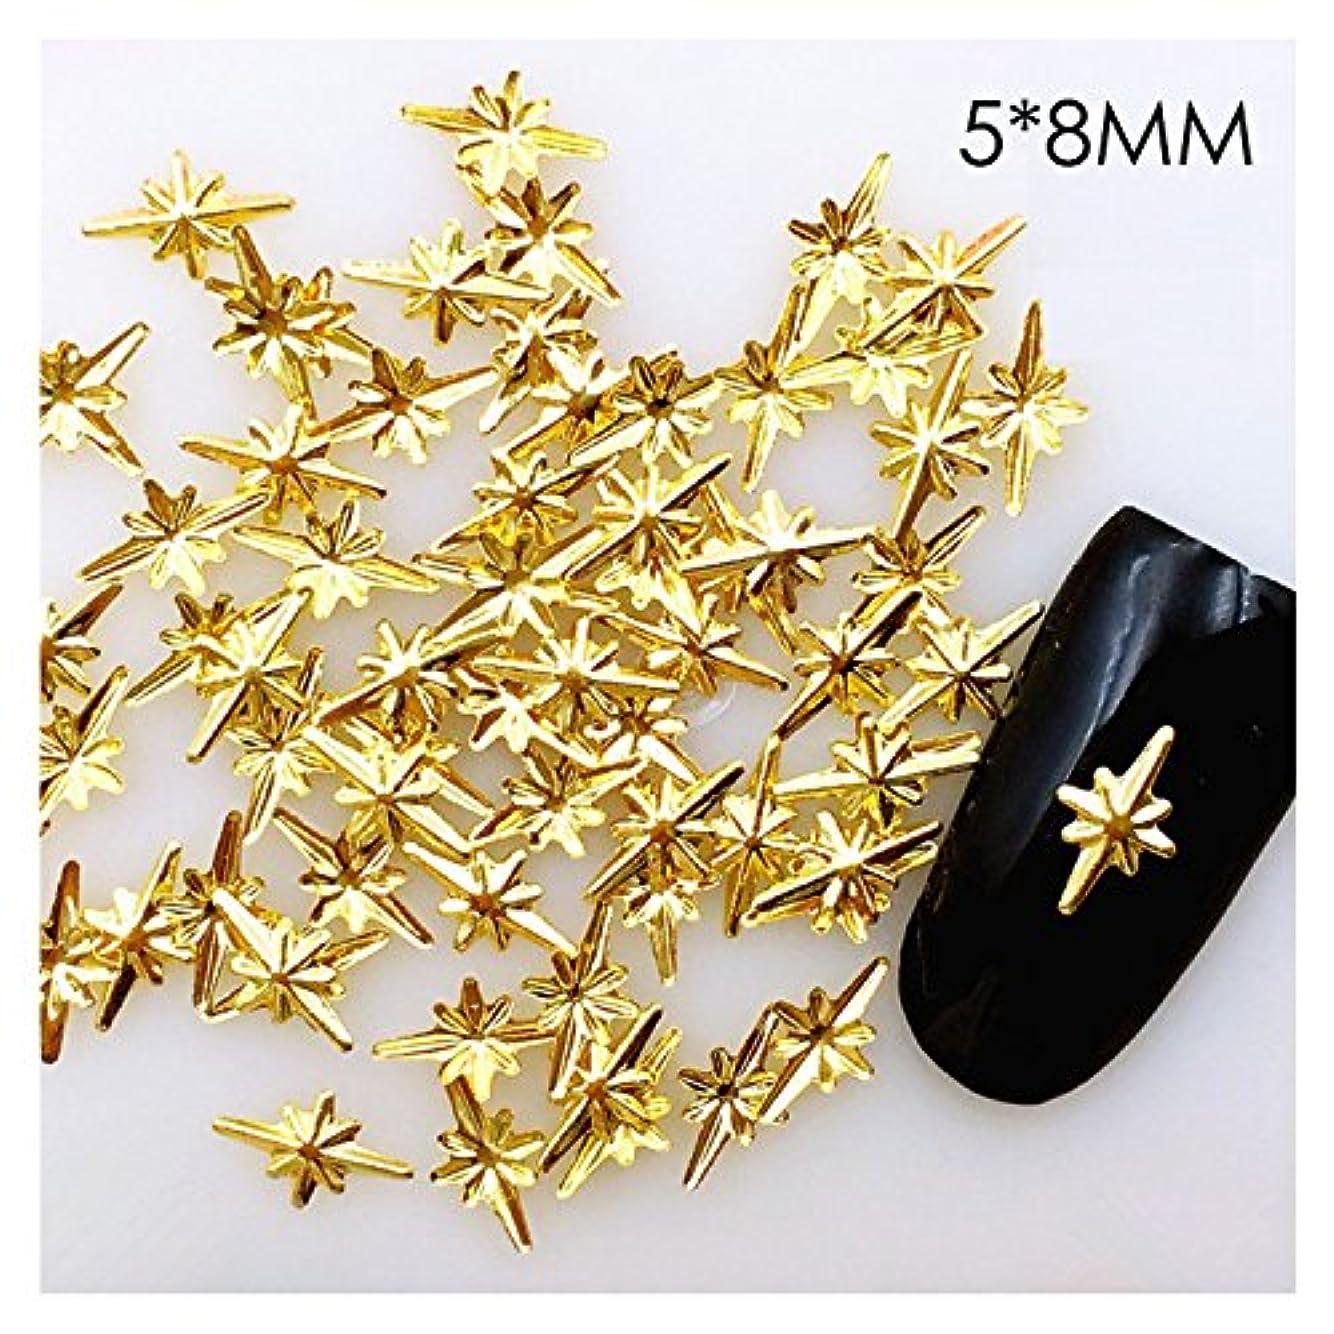 正午プレゼンターチップ40個入り ダイヤ5*8ミリ 40個入り恒星 ゴールド メタルパーツ スタッズ ネイル用品 GOLD スター アート パーツ デコ素材